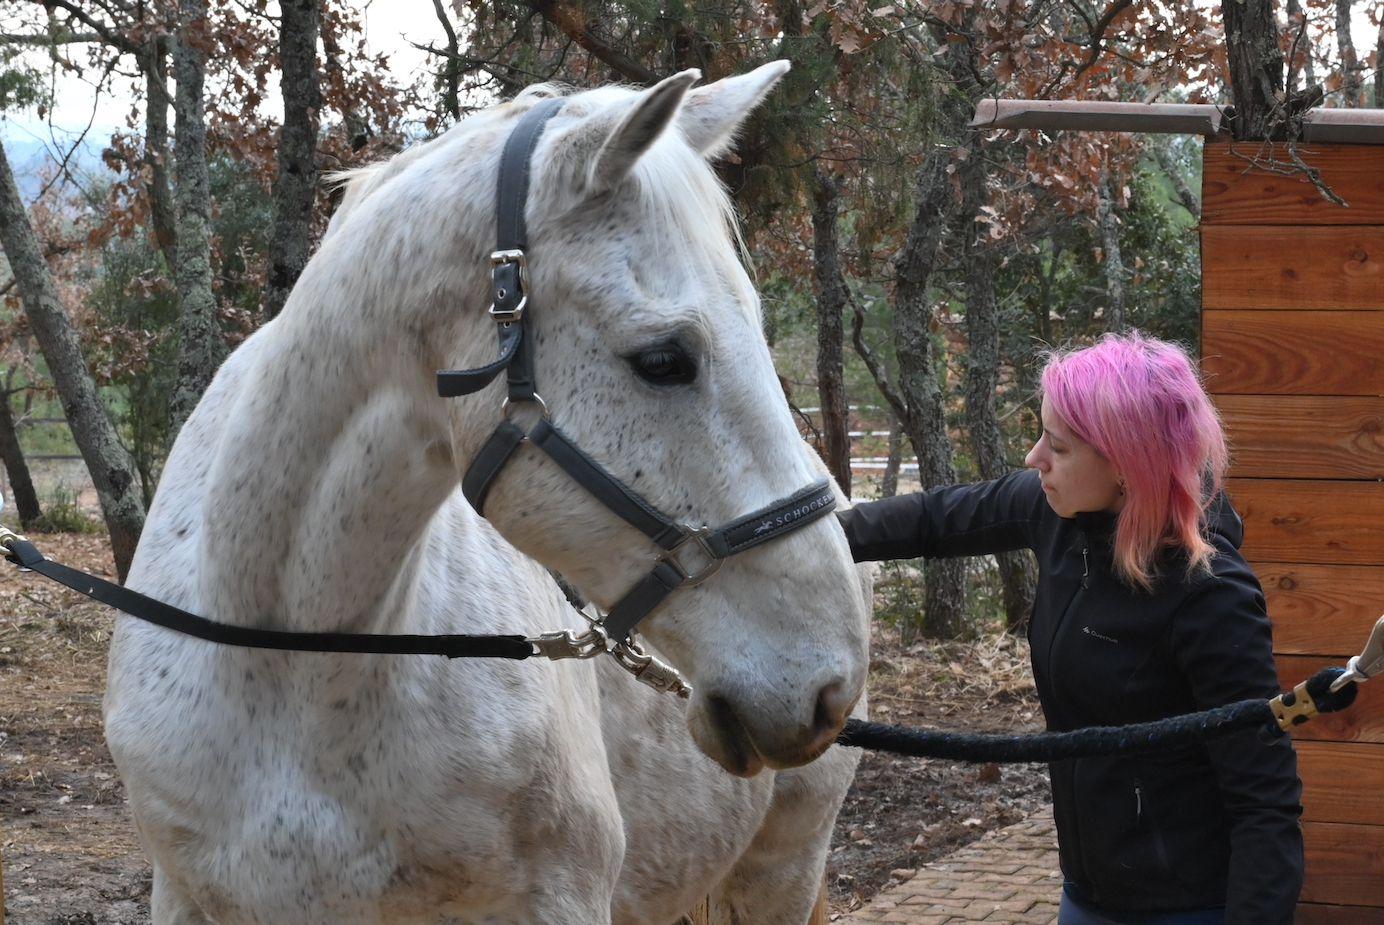 Photos AC 1 - Philippe et Florence 2 et 3 - On bichonne les chevaux